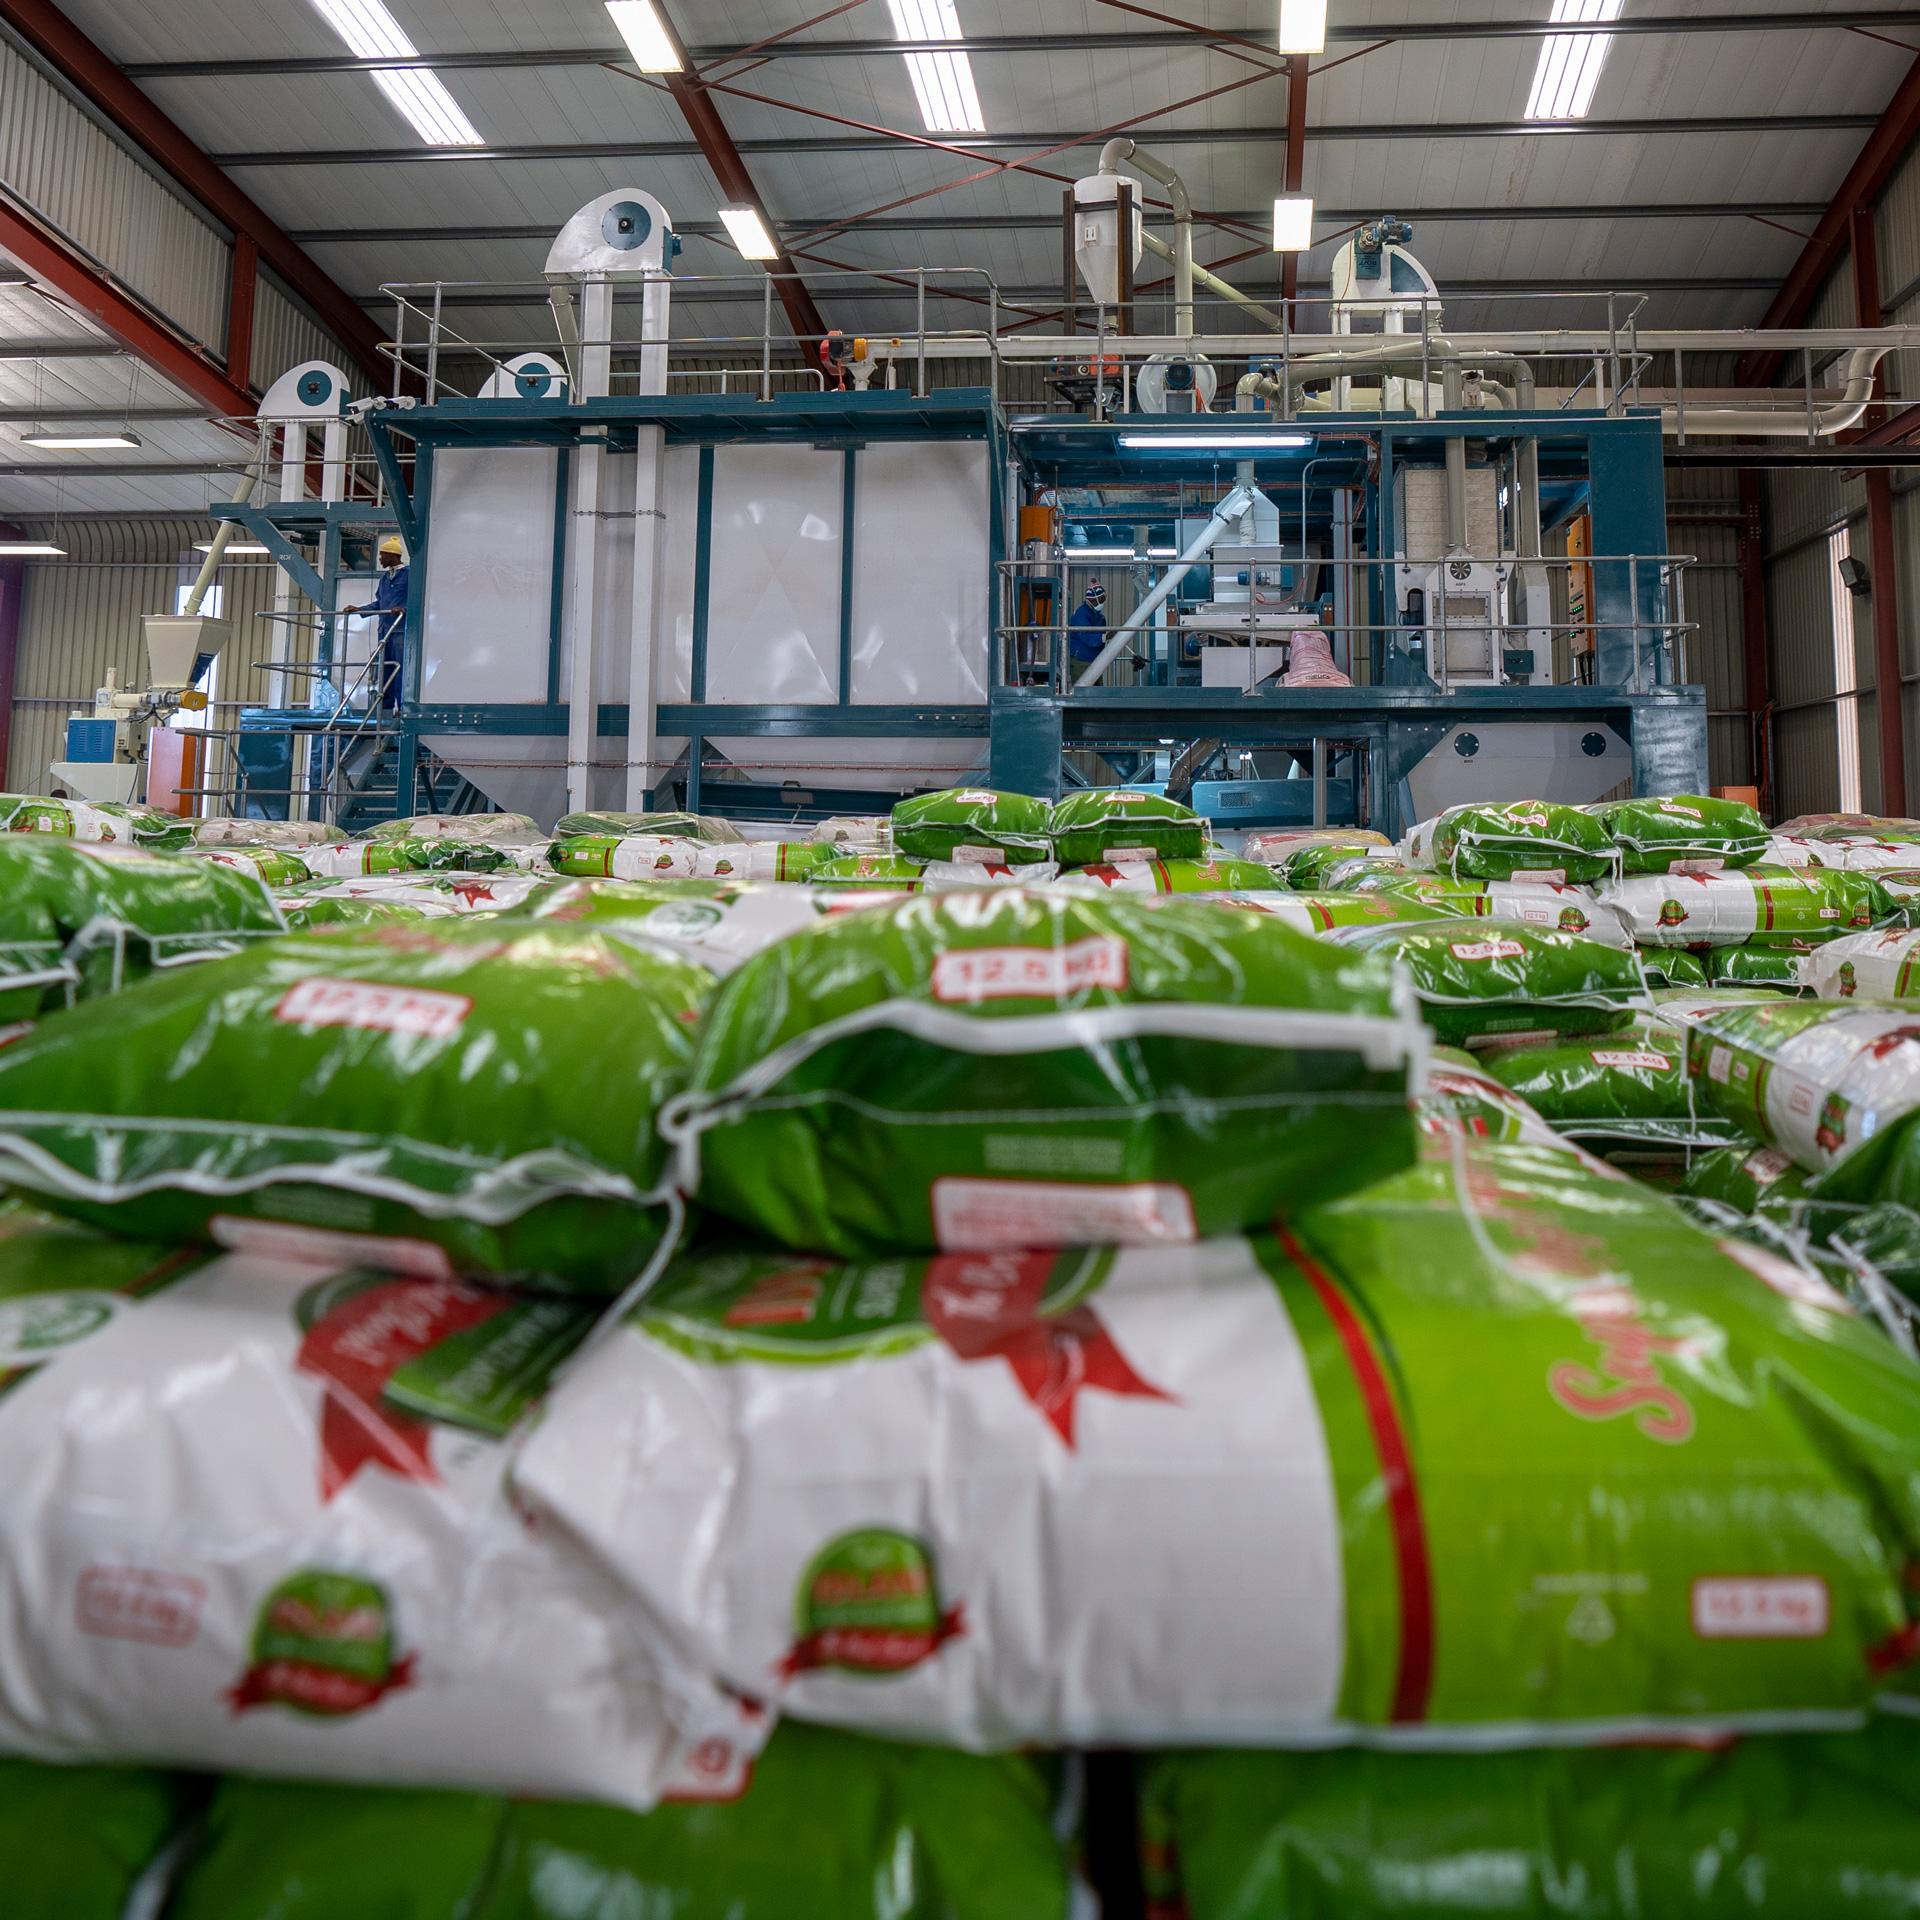 1-1-Idlani-product-R-70-Maize-Milling-Machine2